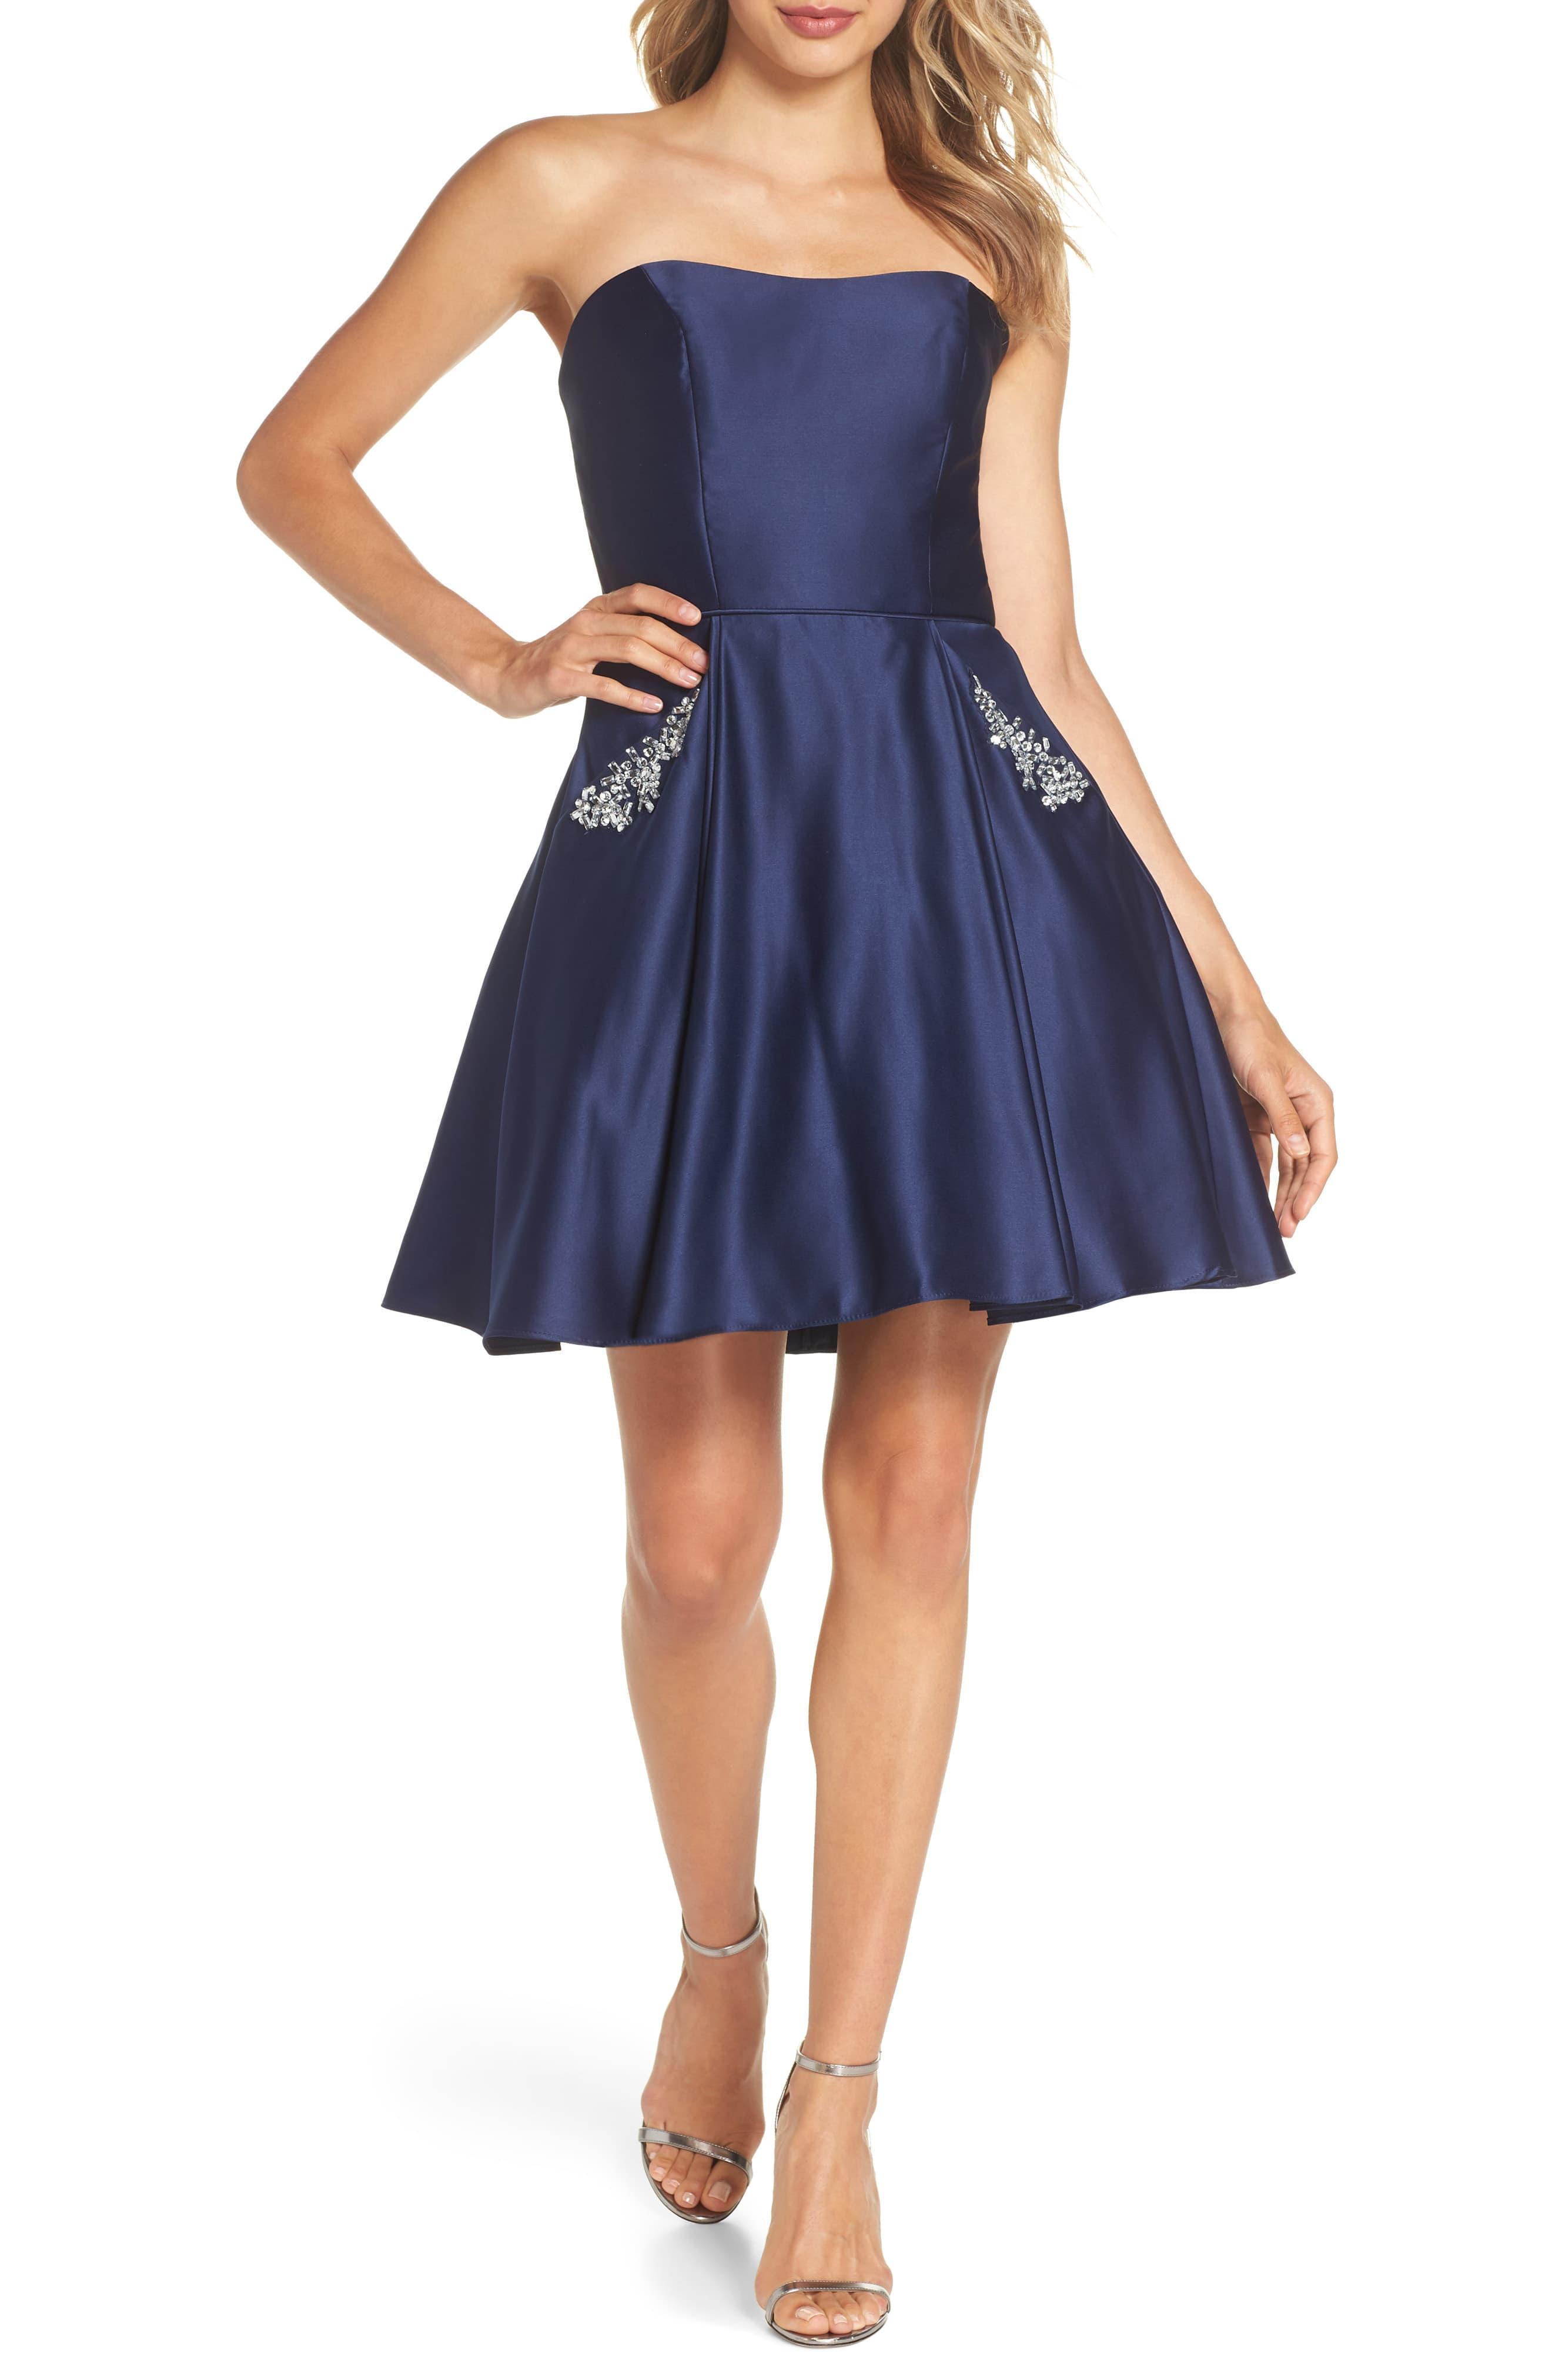 040c224afe7 Blondie Nites Embellished Satin Fit   Flare Dress in Blue - Save 30 ...